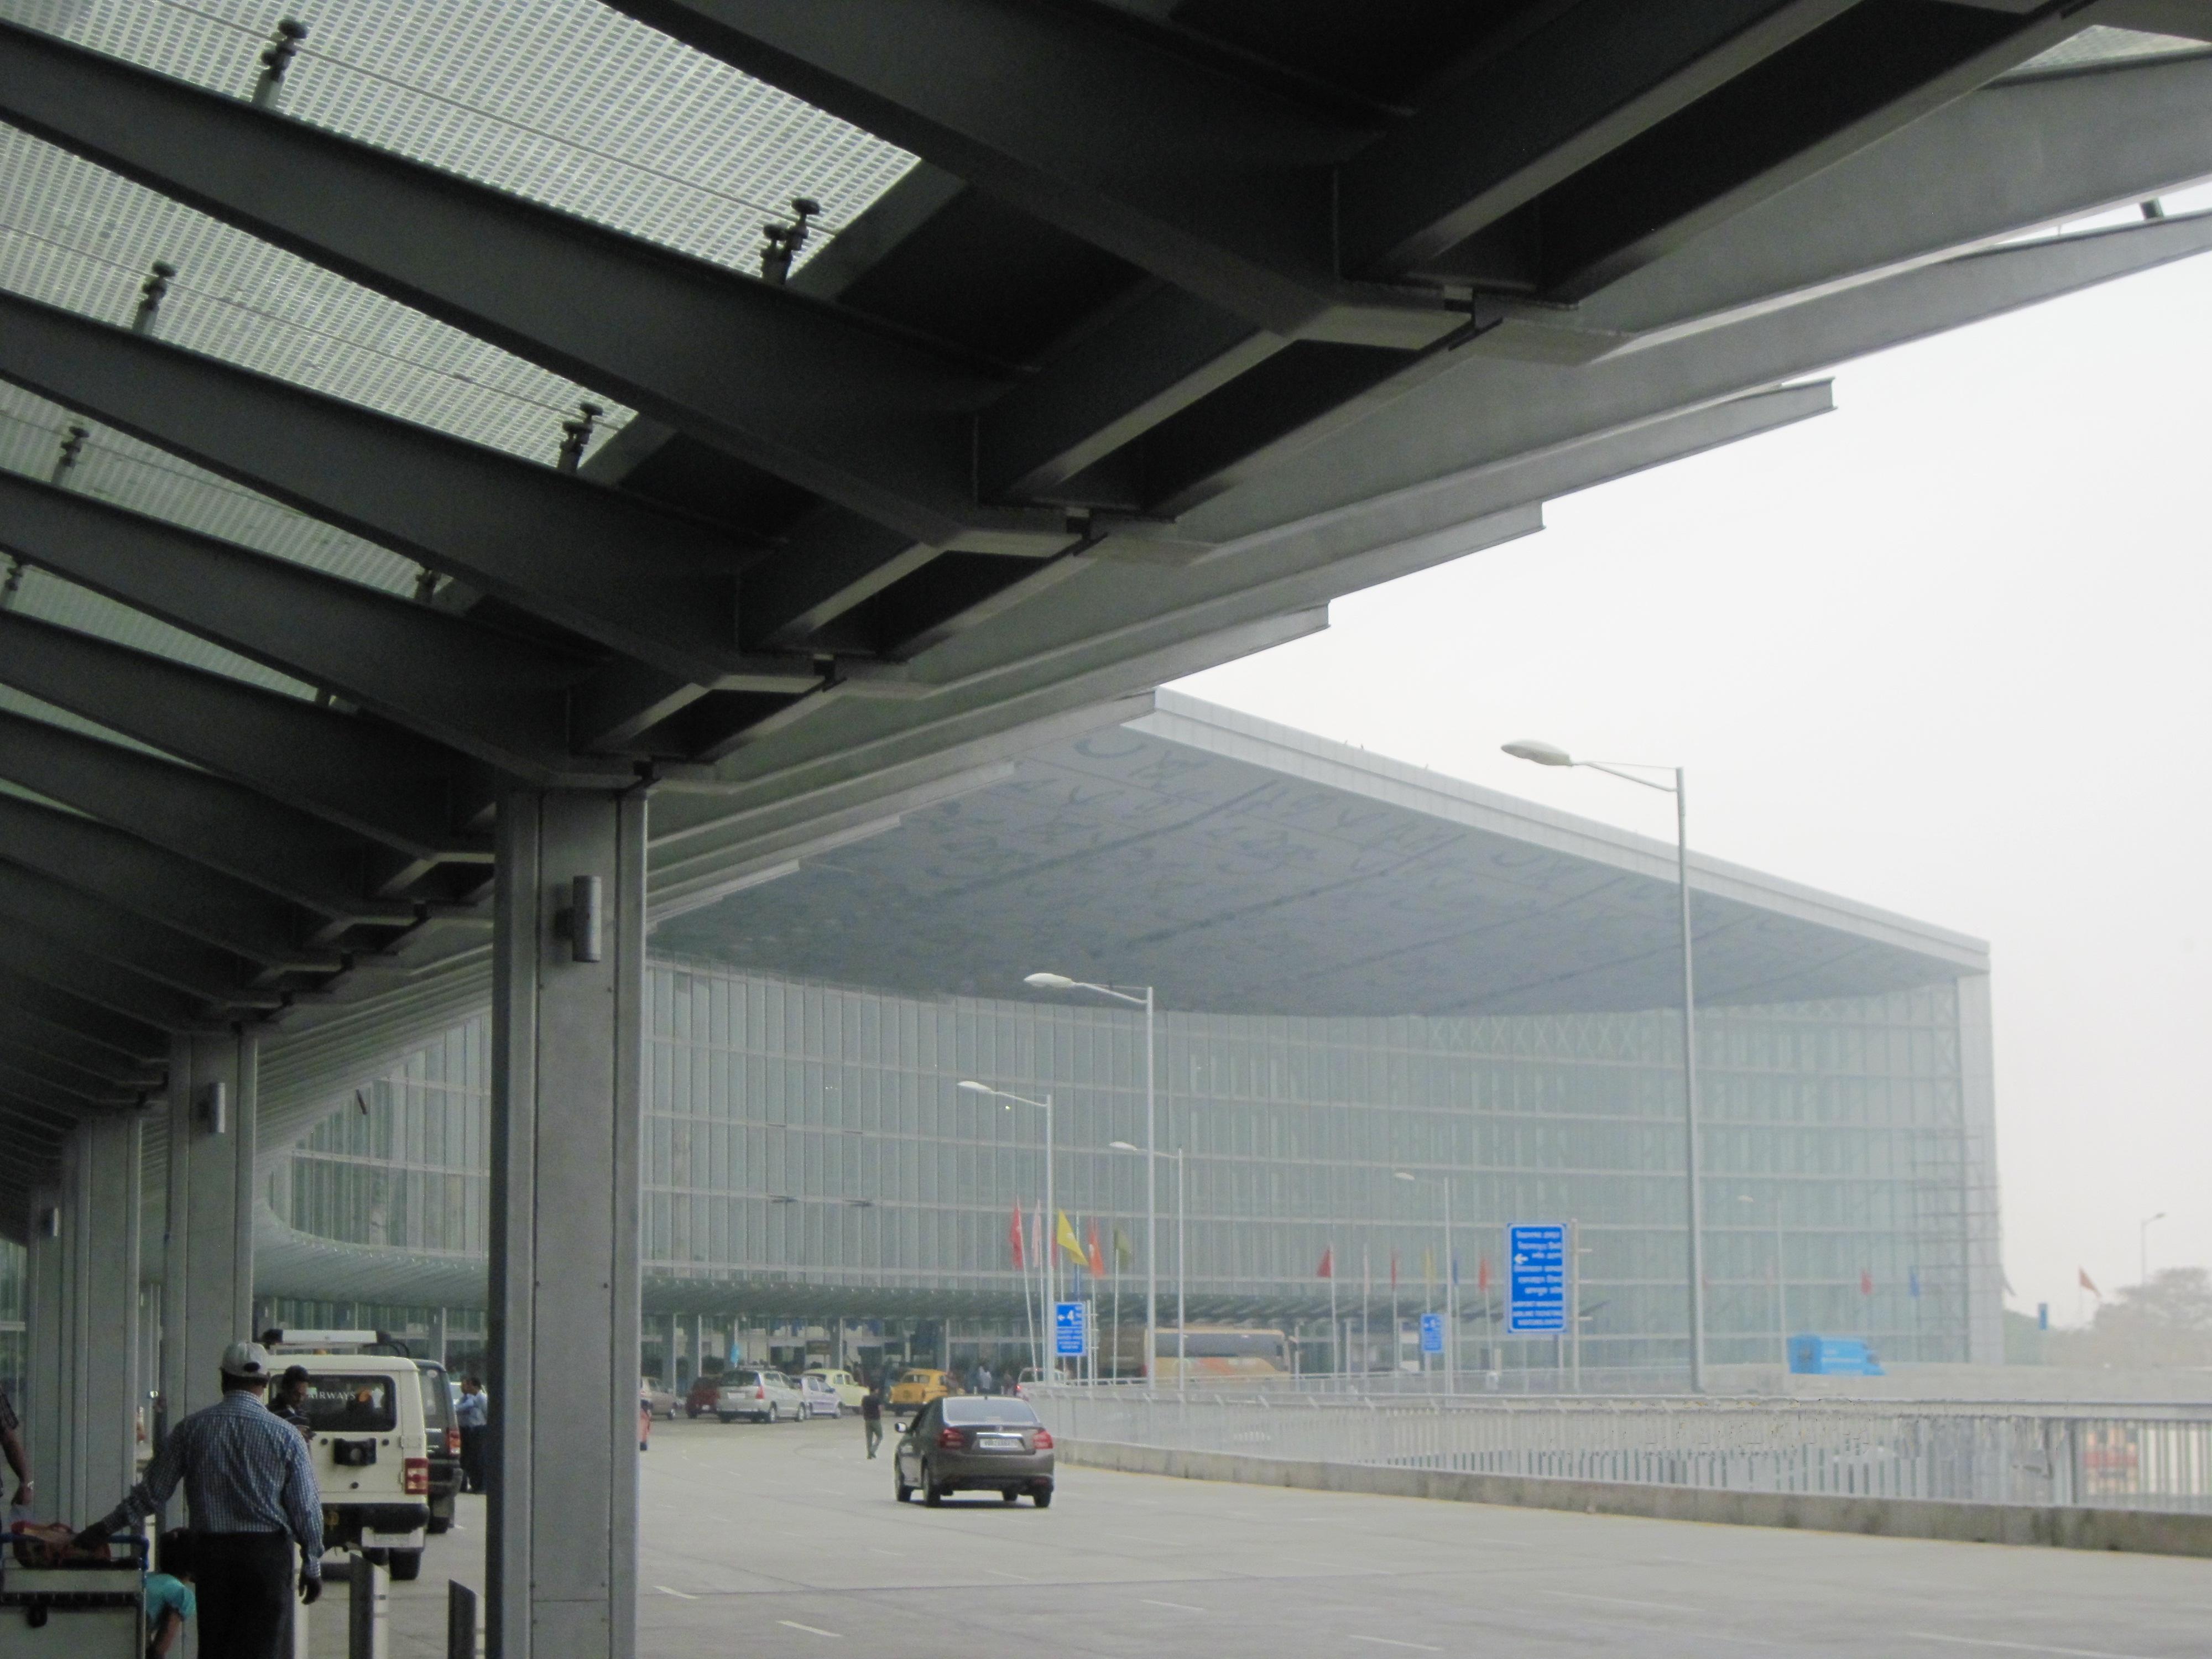 Cityside view of the new Integrated Terminal of Netaji Subhash Chandra Bose International Airport